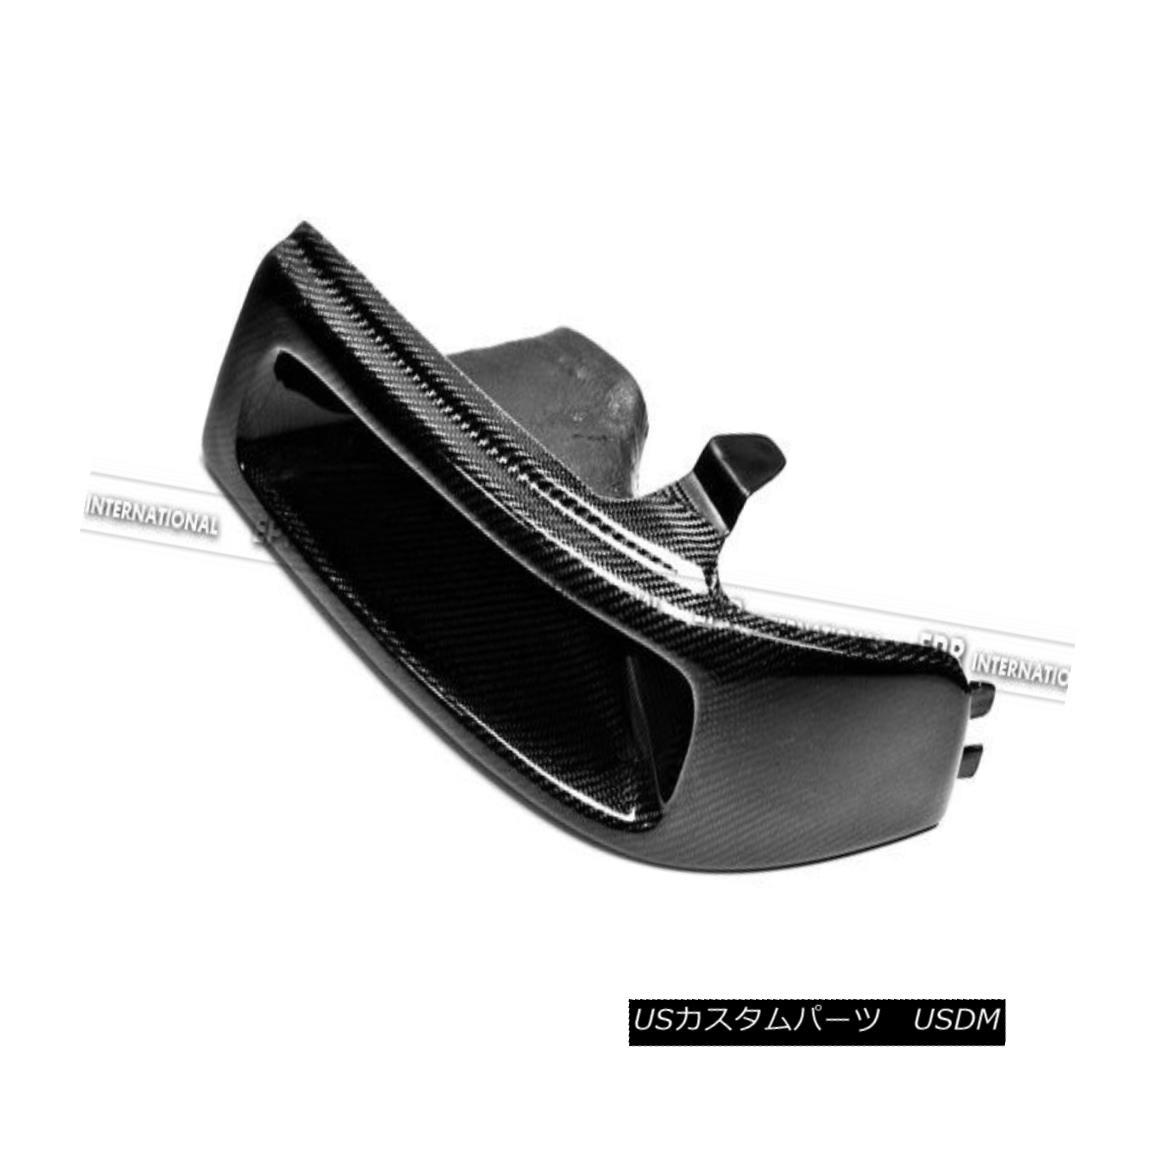 エアロパーツ Vented Headlight Air Duct LHS 1PCS For Mitsubishi Evolution EVO 5 6 Carbon Fiber 三菱エボリューションEVO 5 6カーボンファイバー用ベントドヘッドライトエアーダクトLHS 1PCS